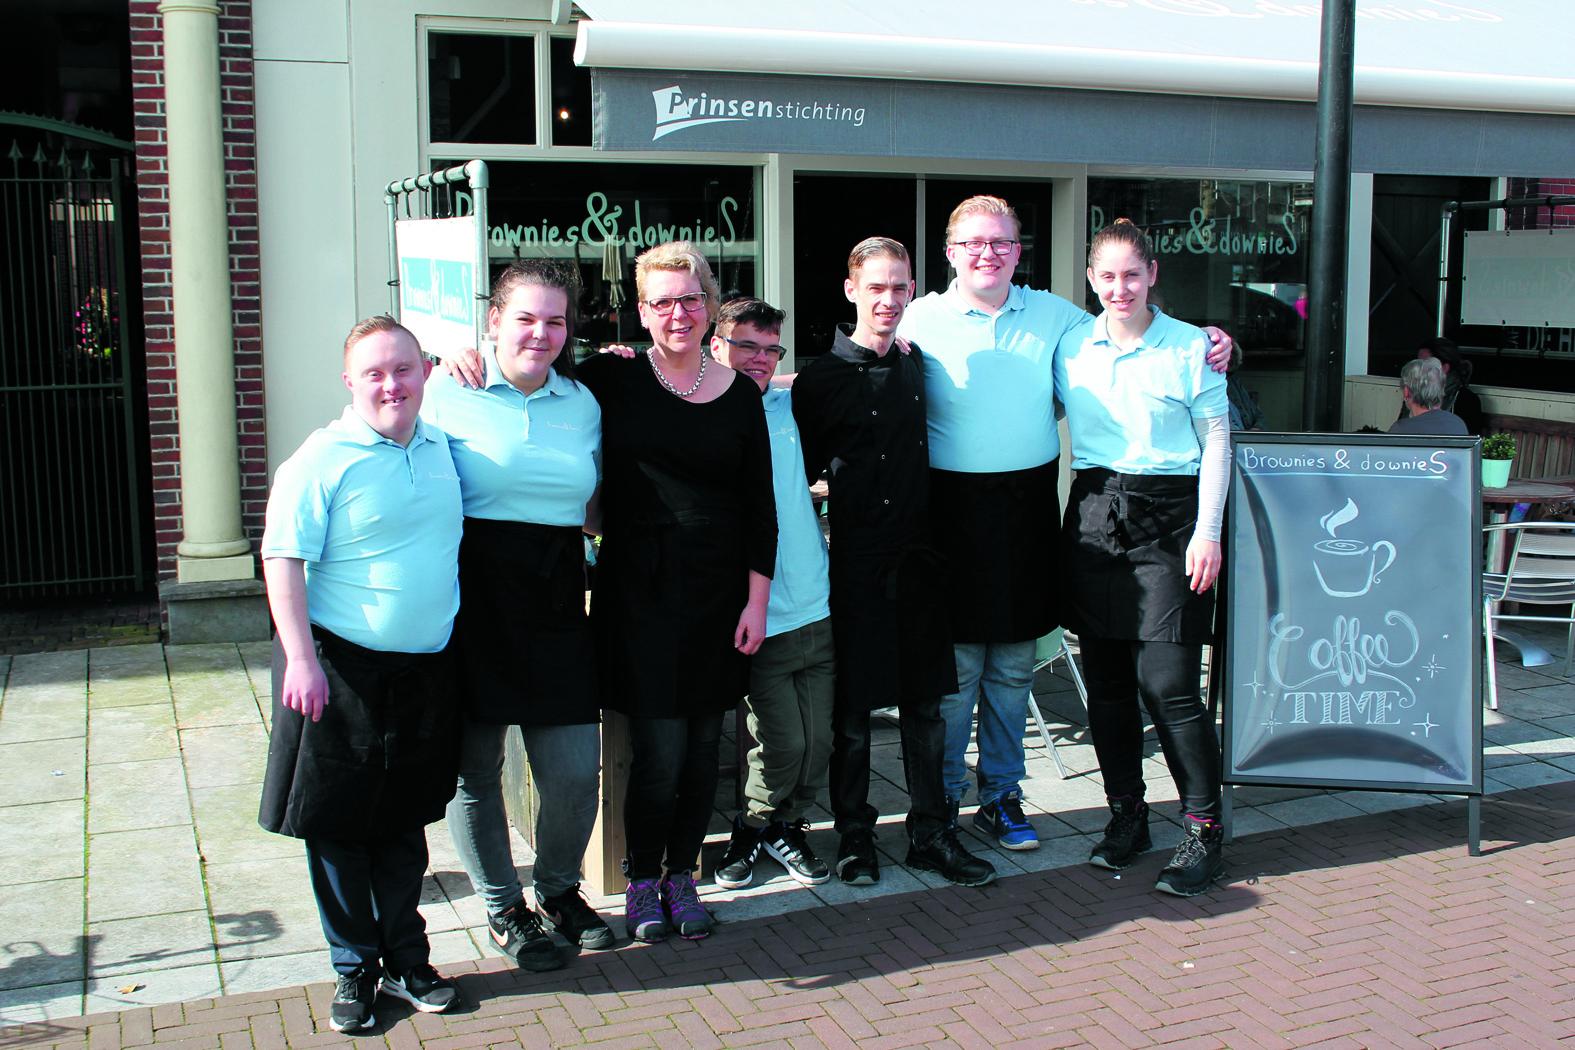 Brownies&downieS in Purmerend wordt vanaf nu gerund door Prinsenstichting. (Foto: aangeleverd) rodi.nl © rodi